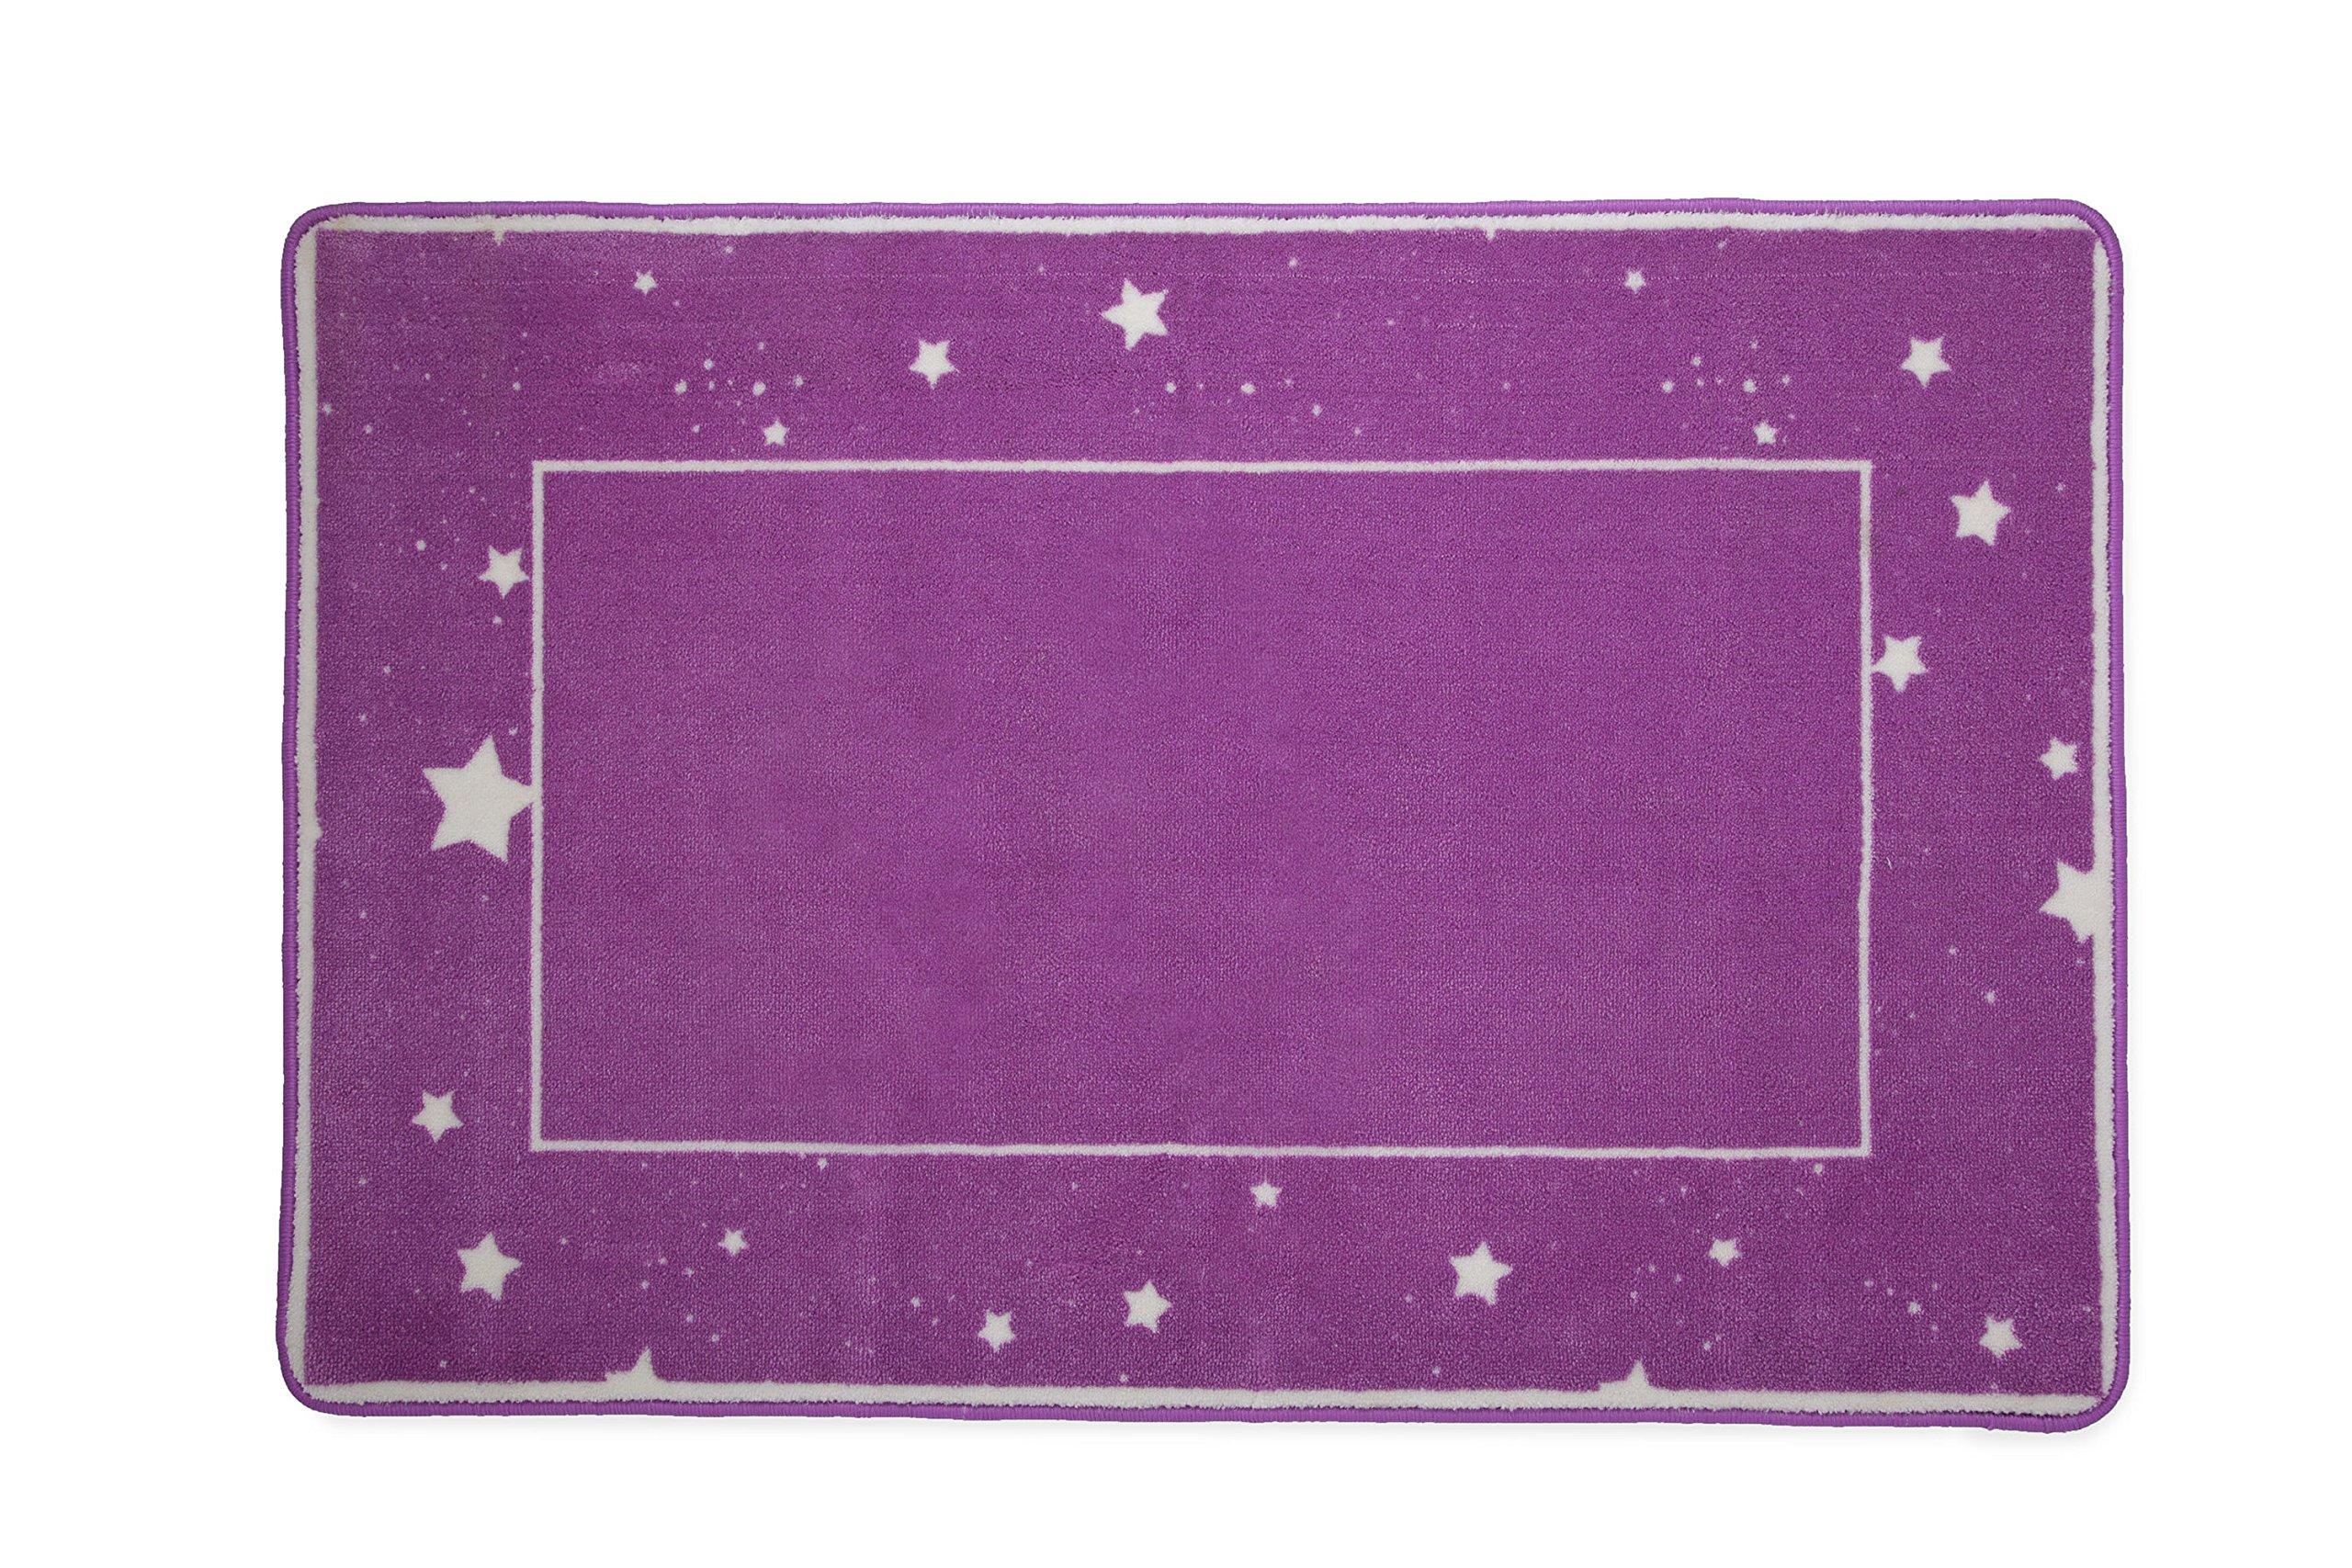 Kids Area Rug, Girls Starry Night   Children's Room Carpet   Delta Children   Purple with Stars